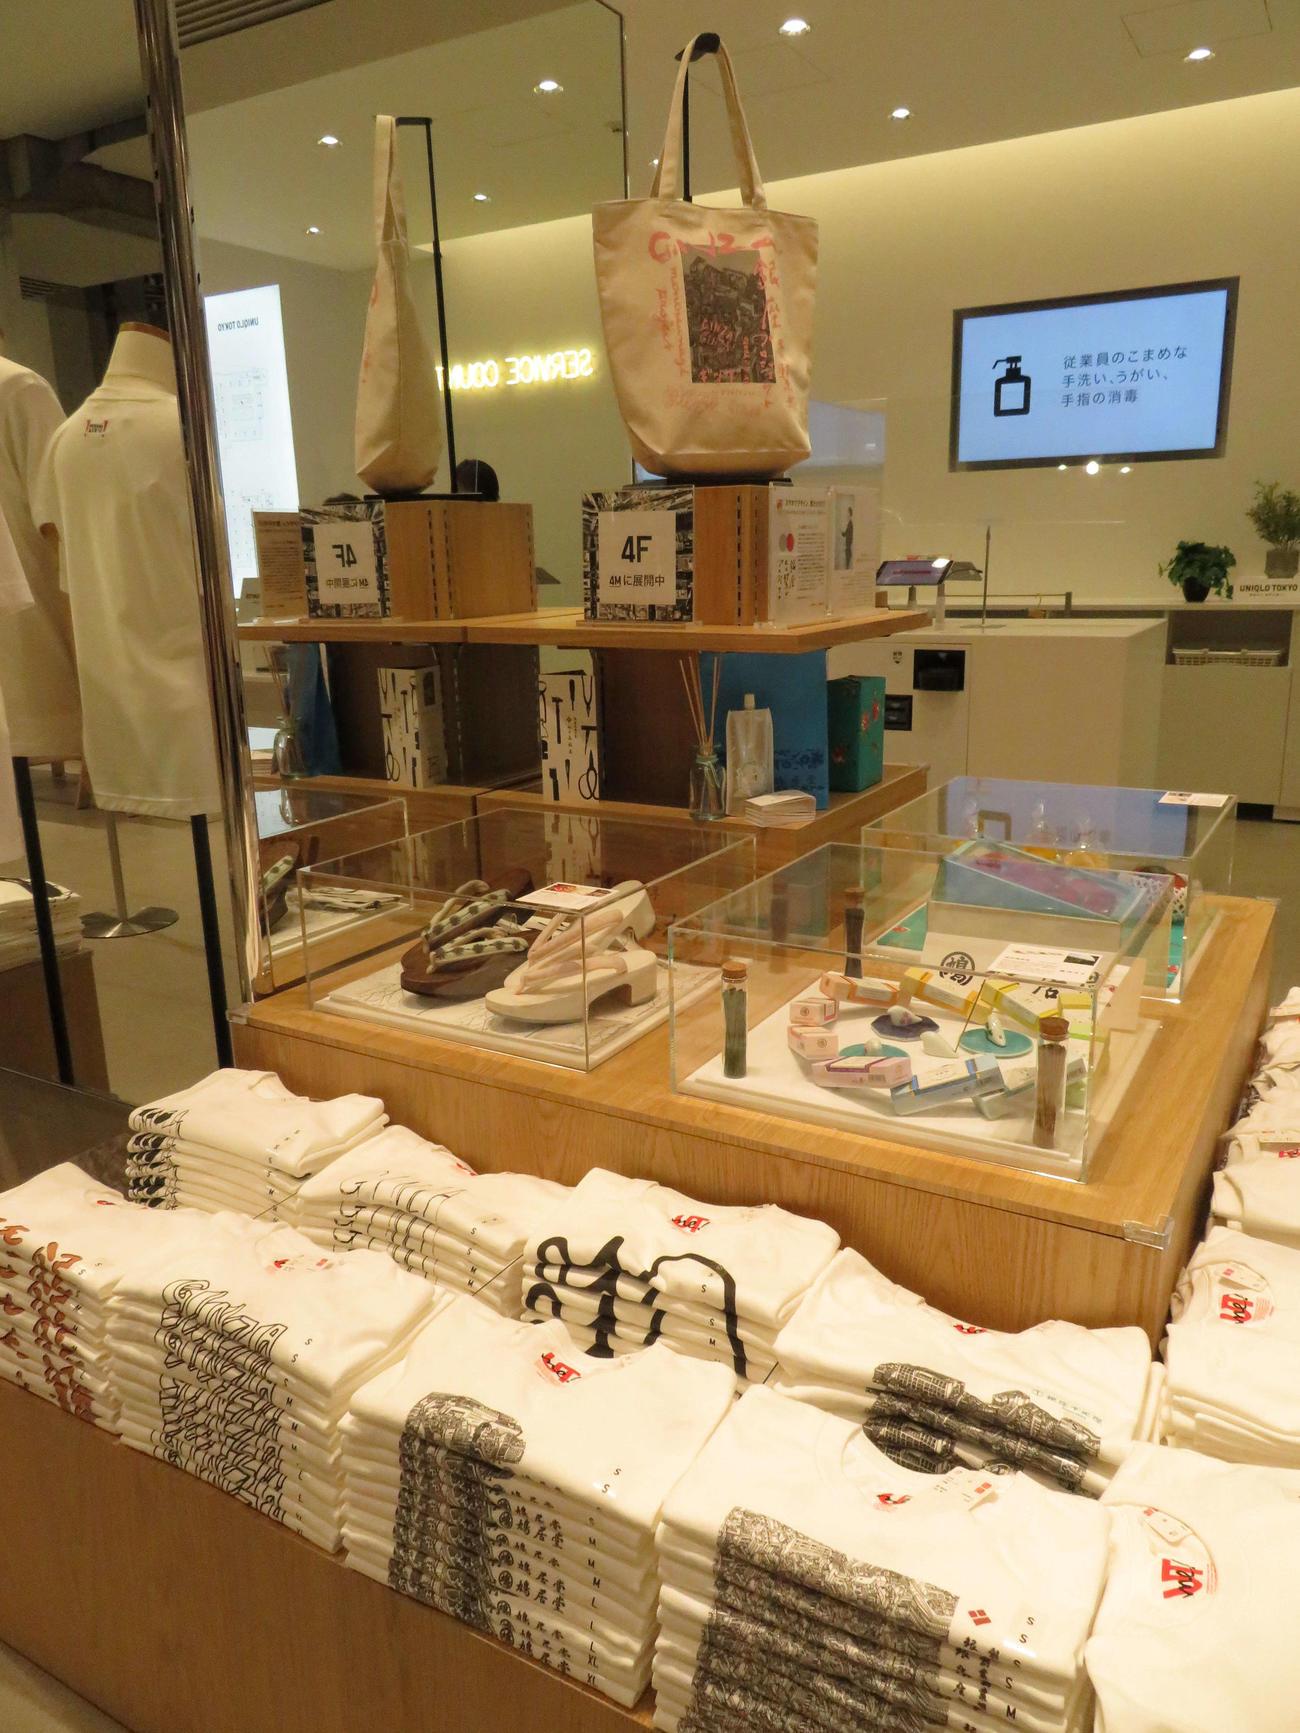 14日からユニクロTOKYO店では、東京・銀座の「もの繋ぎプロジェクト」のオリジナルチャリティーTシャツとともに、これまで物々交換した物品も展示している(撮影・近藤由美子)